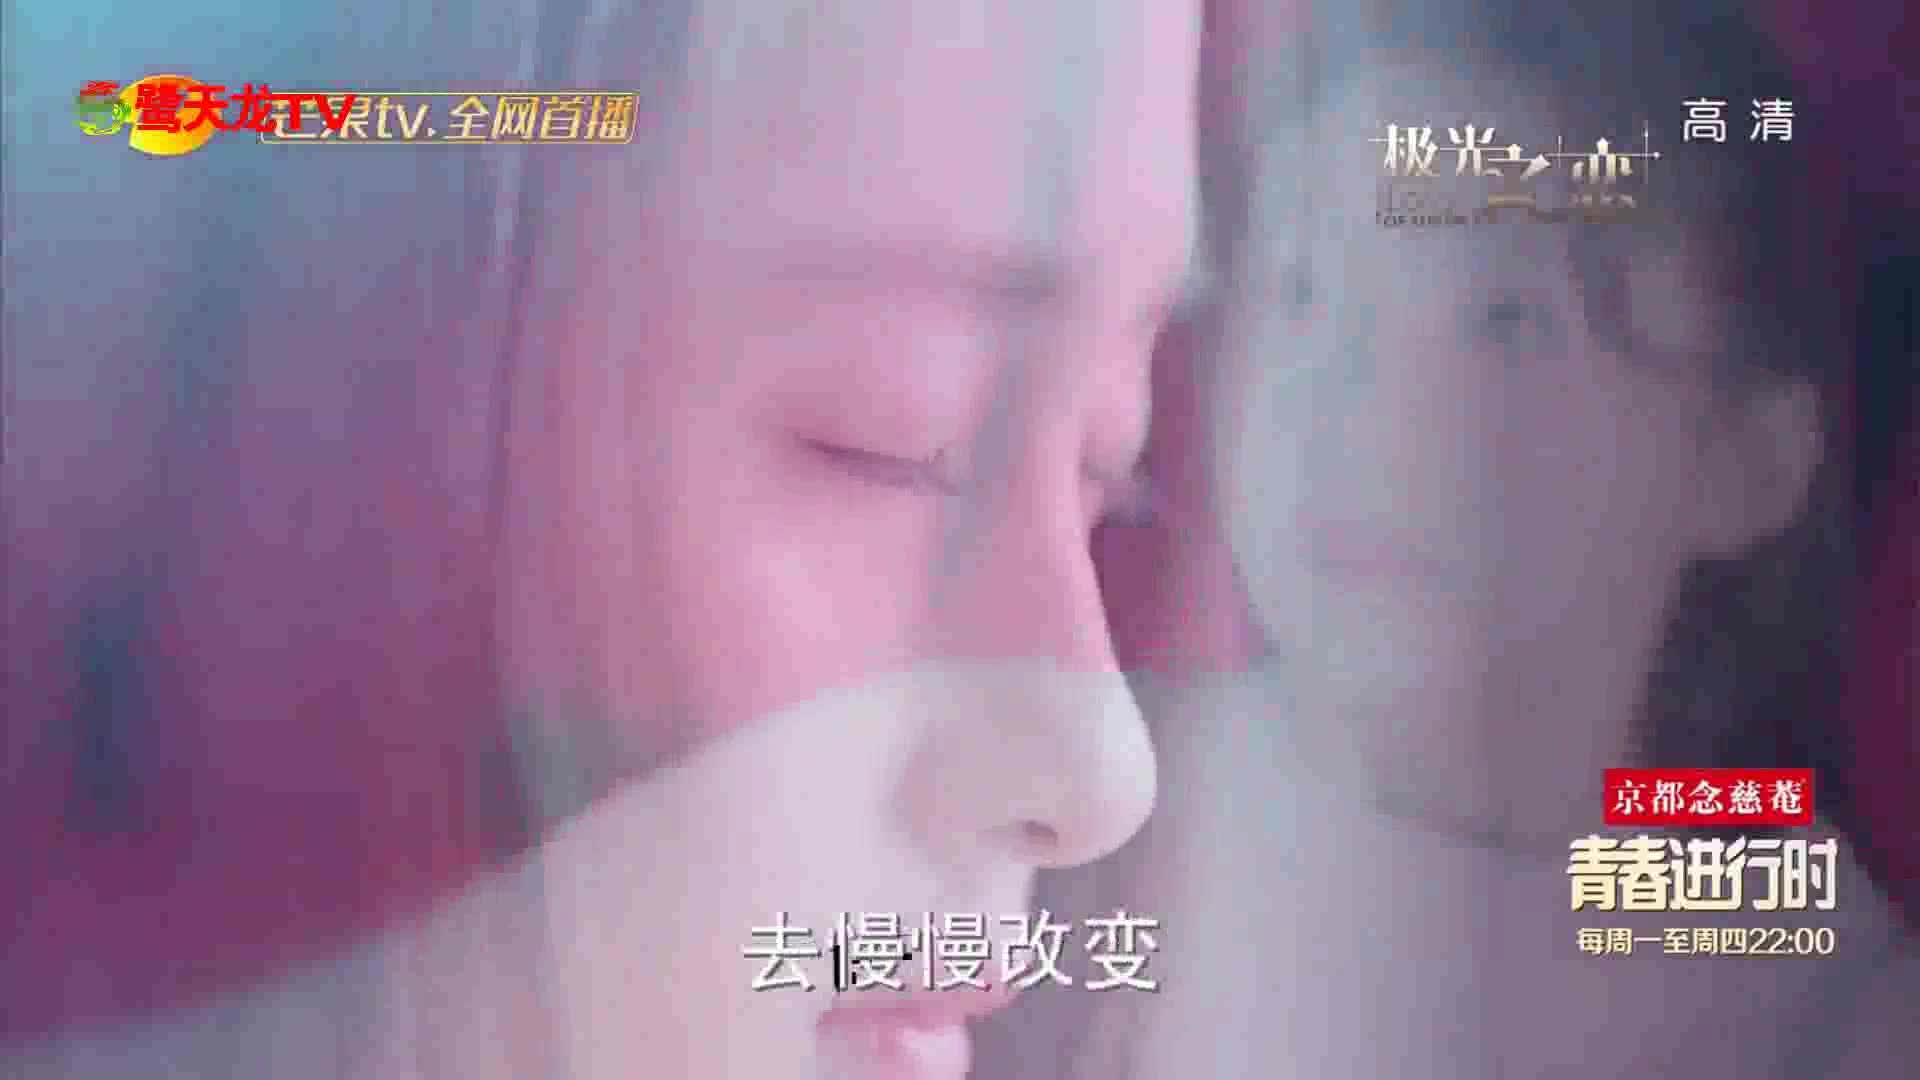 《极光之恋》李俊泰帮助韩星子克服恐台症